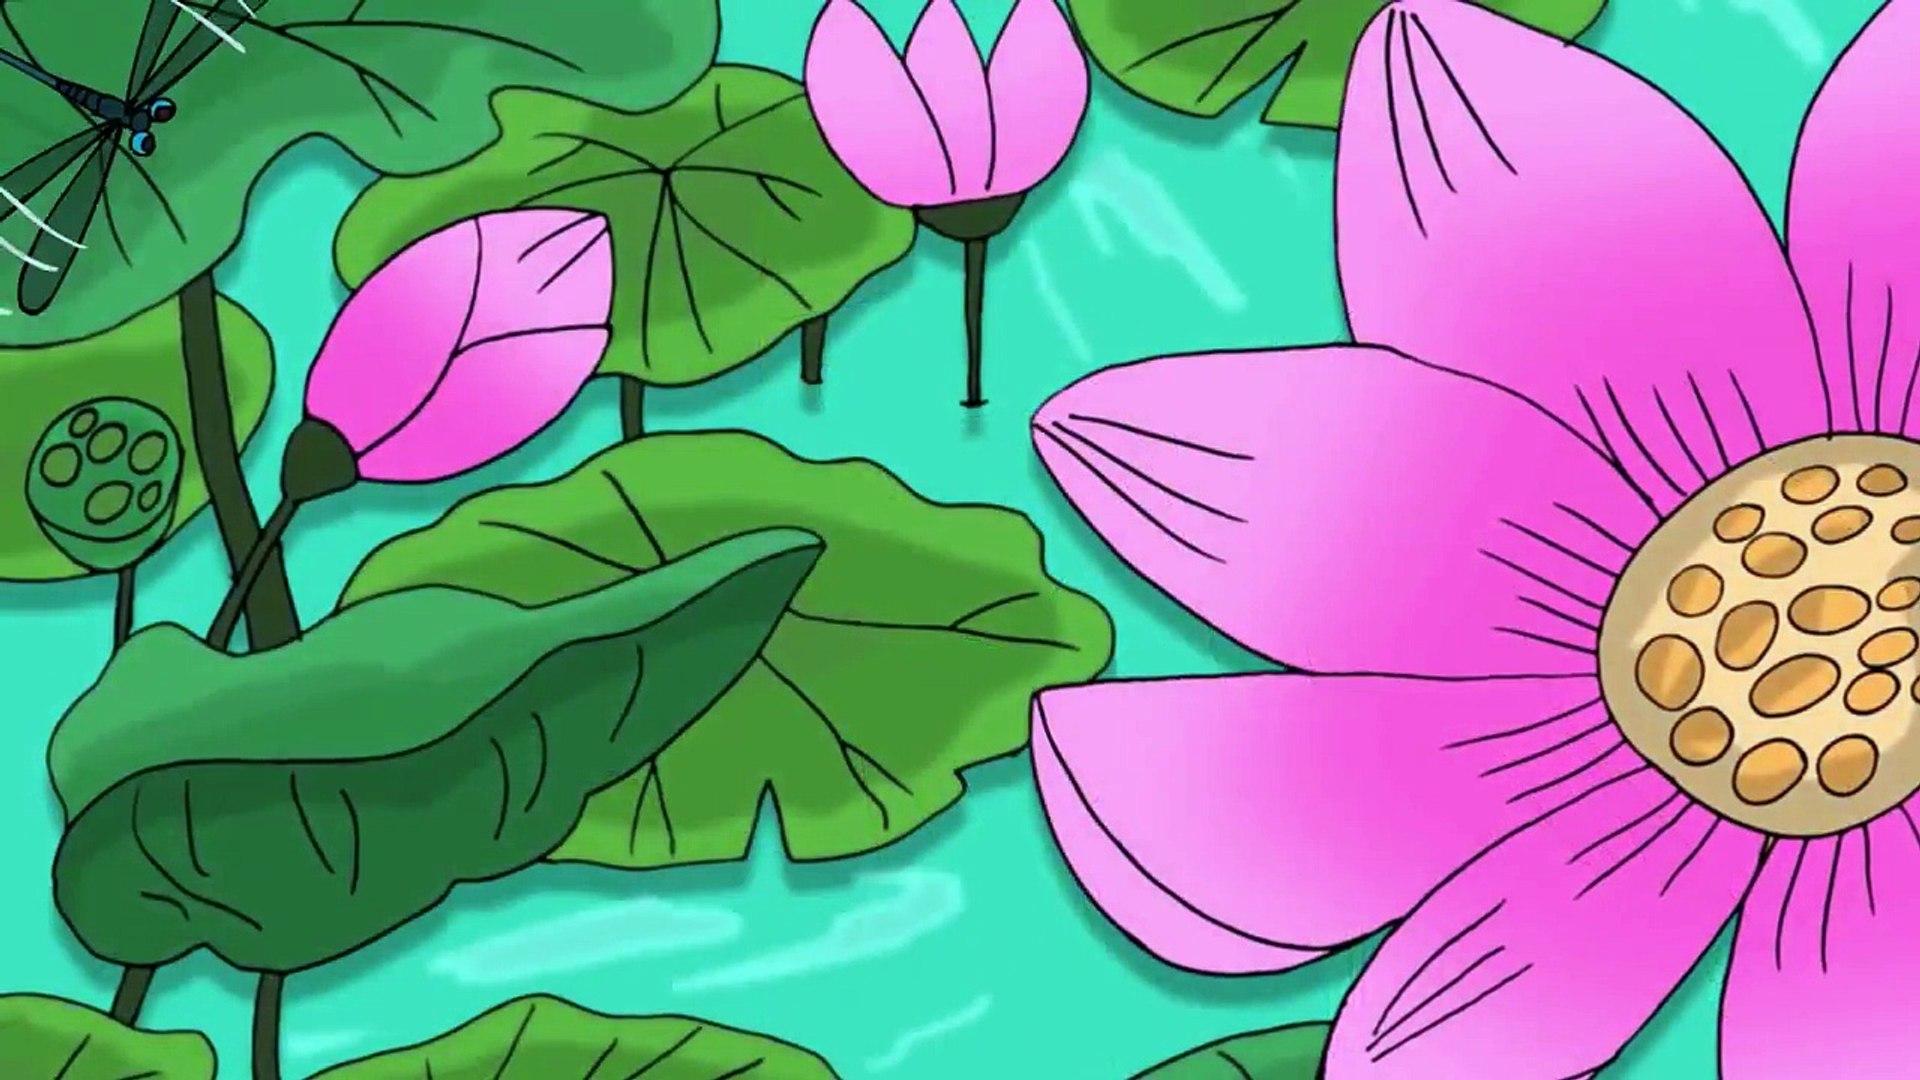 01.Phim hay - Phim hoạt hình - Quà tặng cuộc sống - QUY LUẬT NHÂN QUẢ ► Phim hoạt hình hay nhất 2017